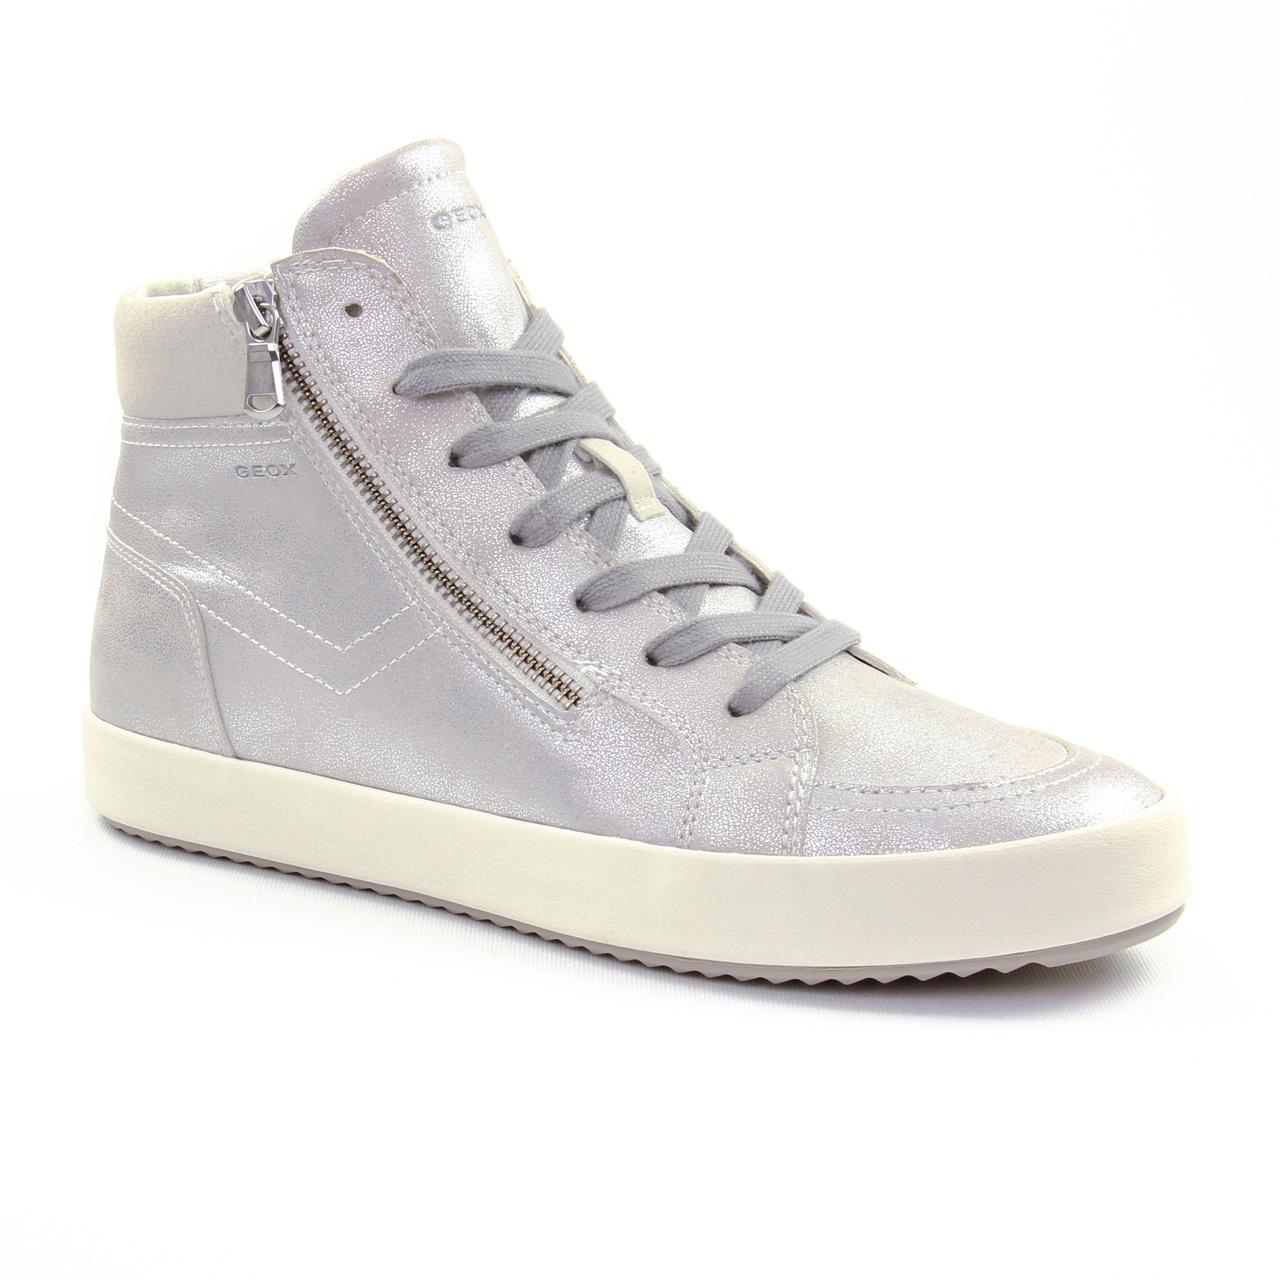 Geox D826Ha Off White | basket mode gris argent printemps